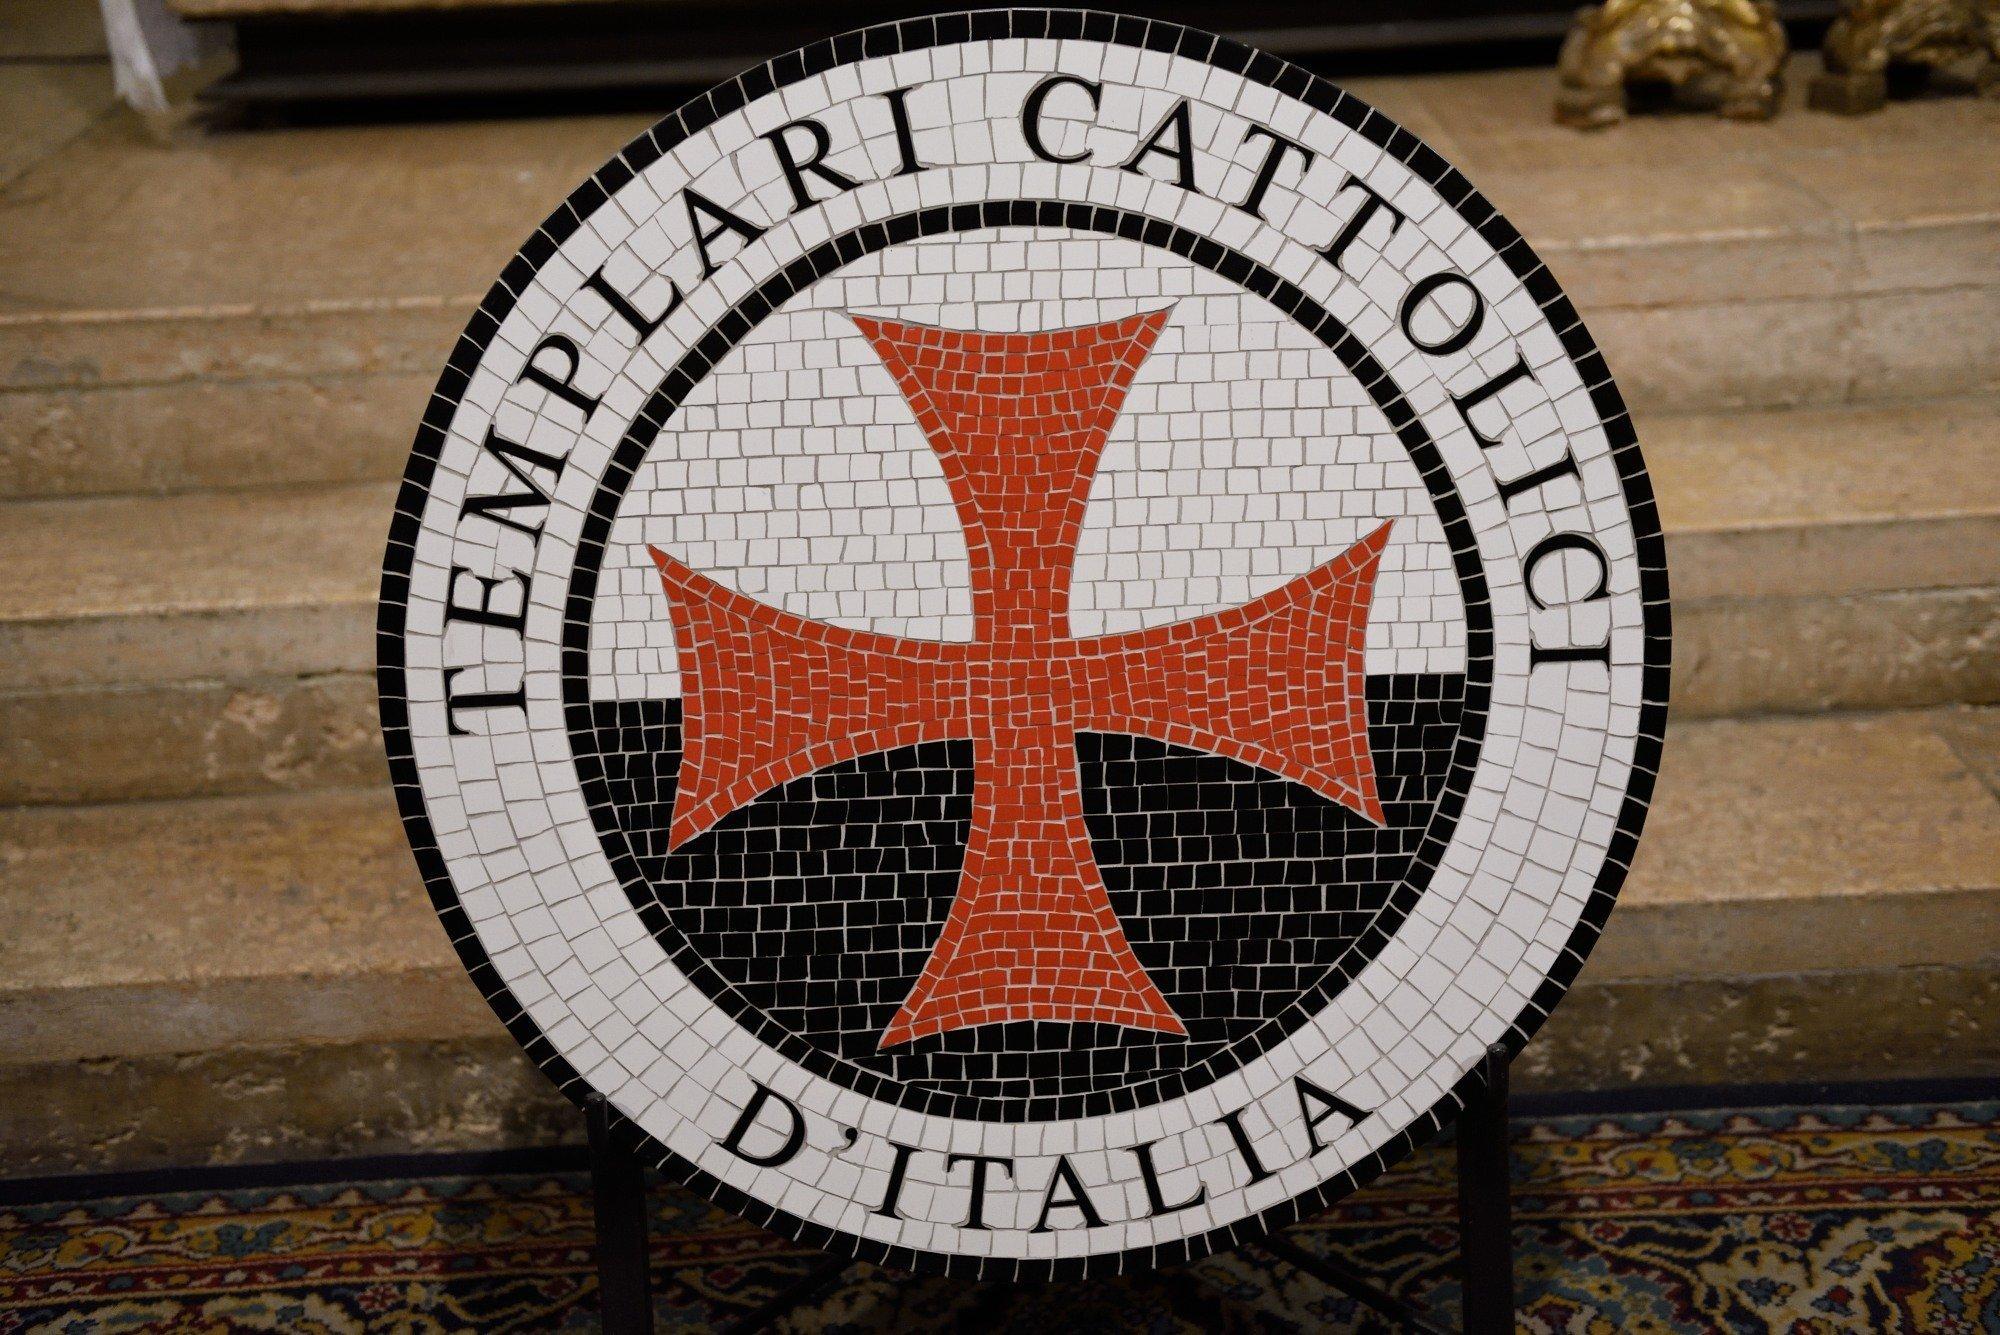 Chiesa di San Fermo - Verona - Templari Cattolici foto 09